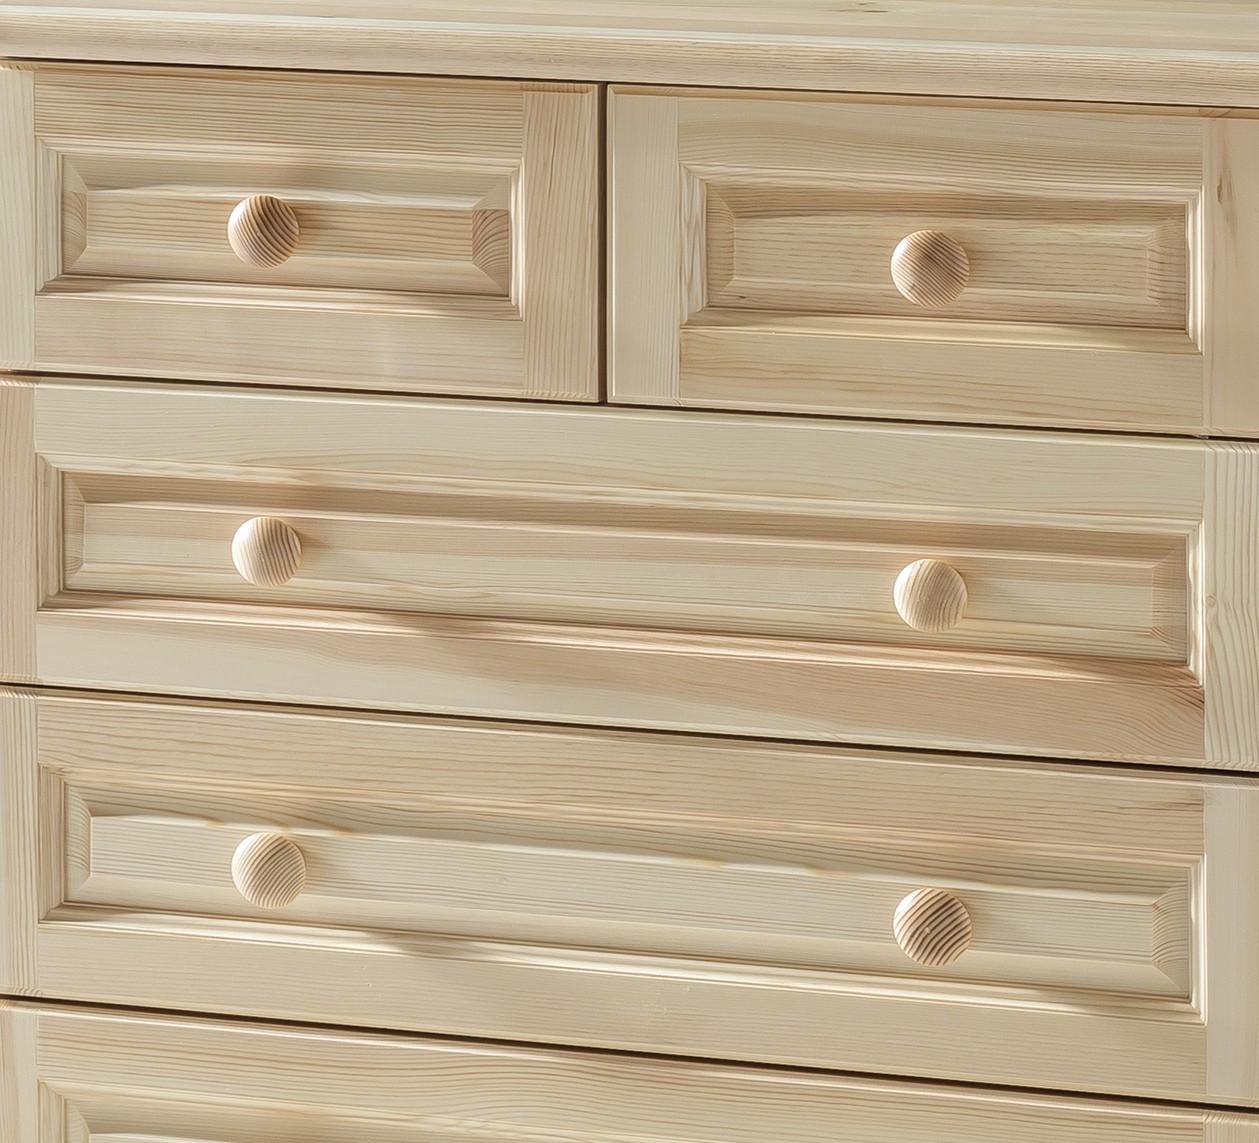 kommode vienna highboard schrank 5 schubk sten 80 cm. Black Bedroom Furniture Sets. Home Design Ideas